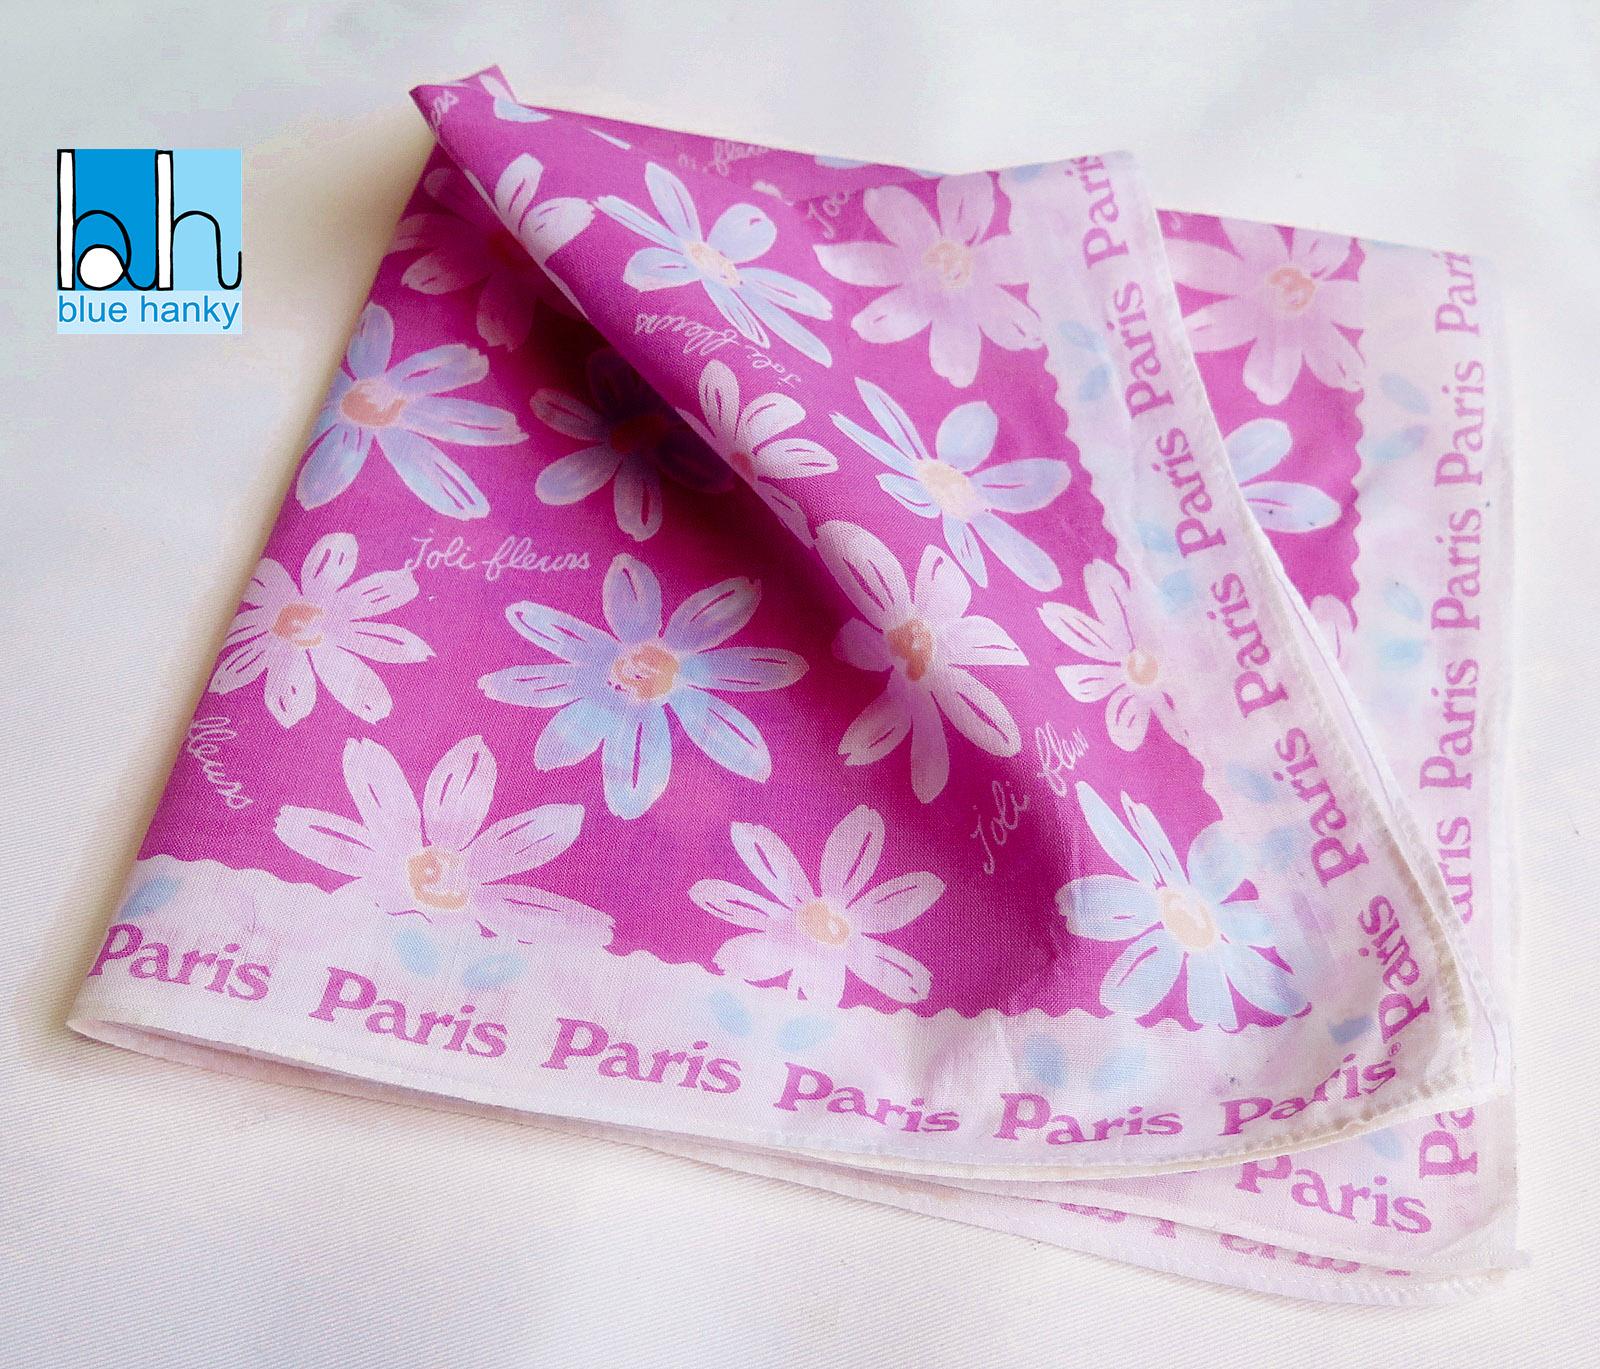 """#85 18"""" joli fleurs Paris ผ้าเช็ดหน้ามือ2 สภาพดี ผ้าเช็ดหน้าผืนใหญ่"""